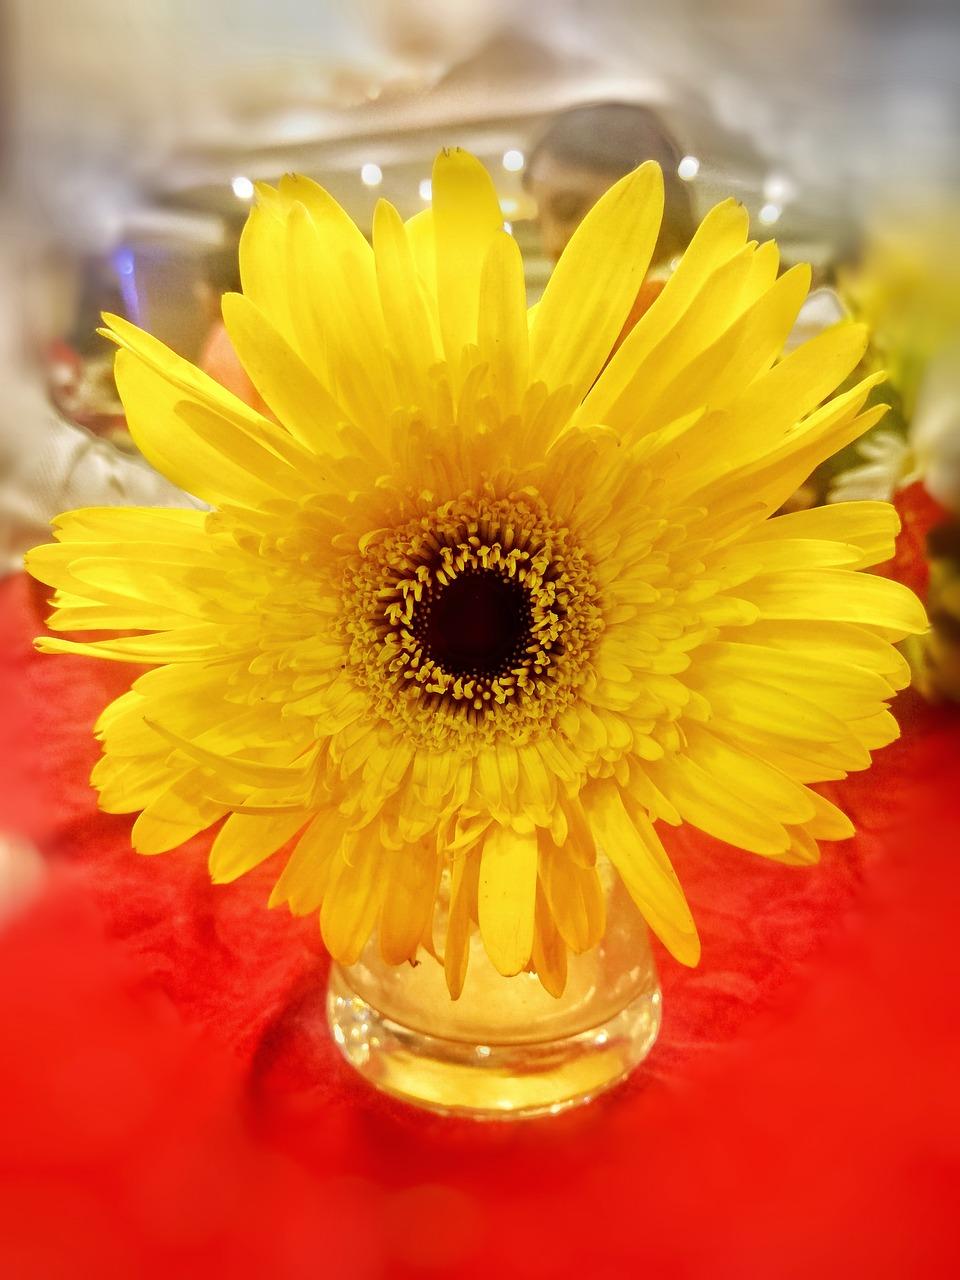 Sunflowerflowerpotyellow Free Photo From Needpix